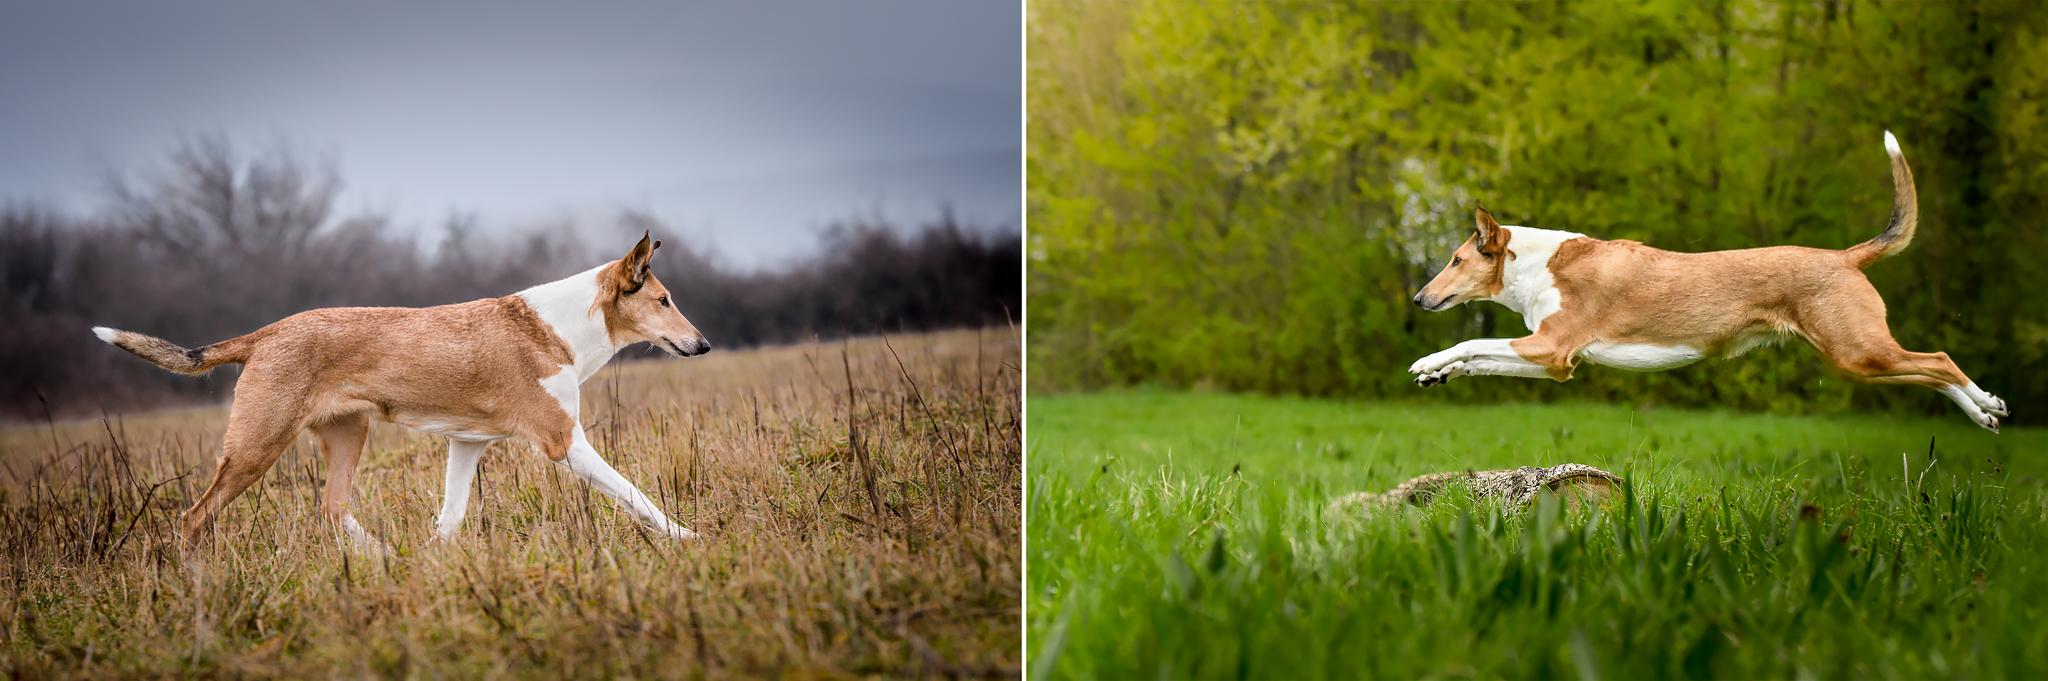 Pomalší pohyb zo strany je ideálny pre tréning začiatočníkov. Pri zrýchlenom pohybe či skoku (vpravo) sa výraz psa významne odlišuje a z jeho napätého tela je jasné, aký pohyb ste sa na fotke snažili zachytiť.